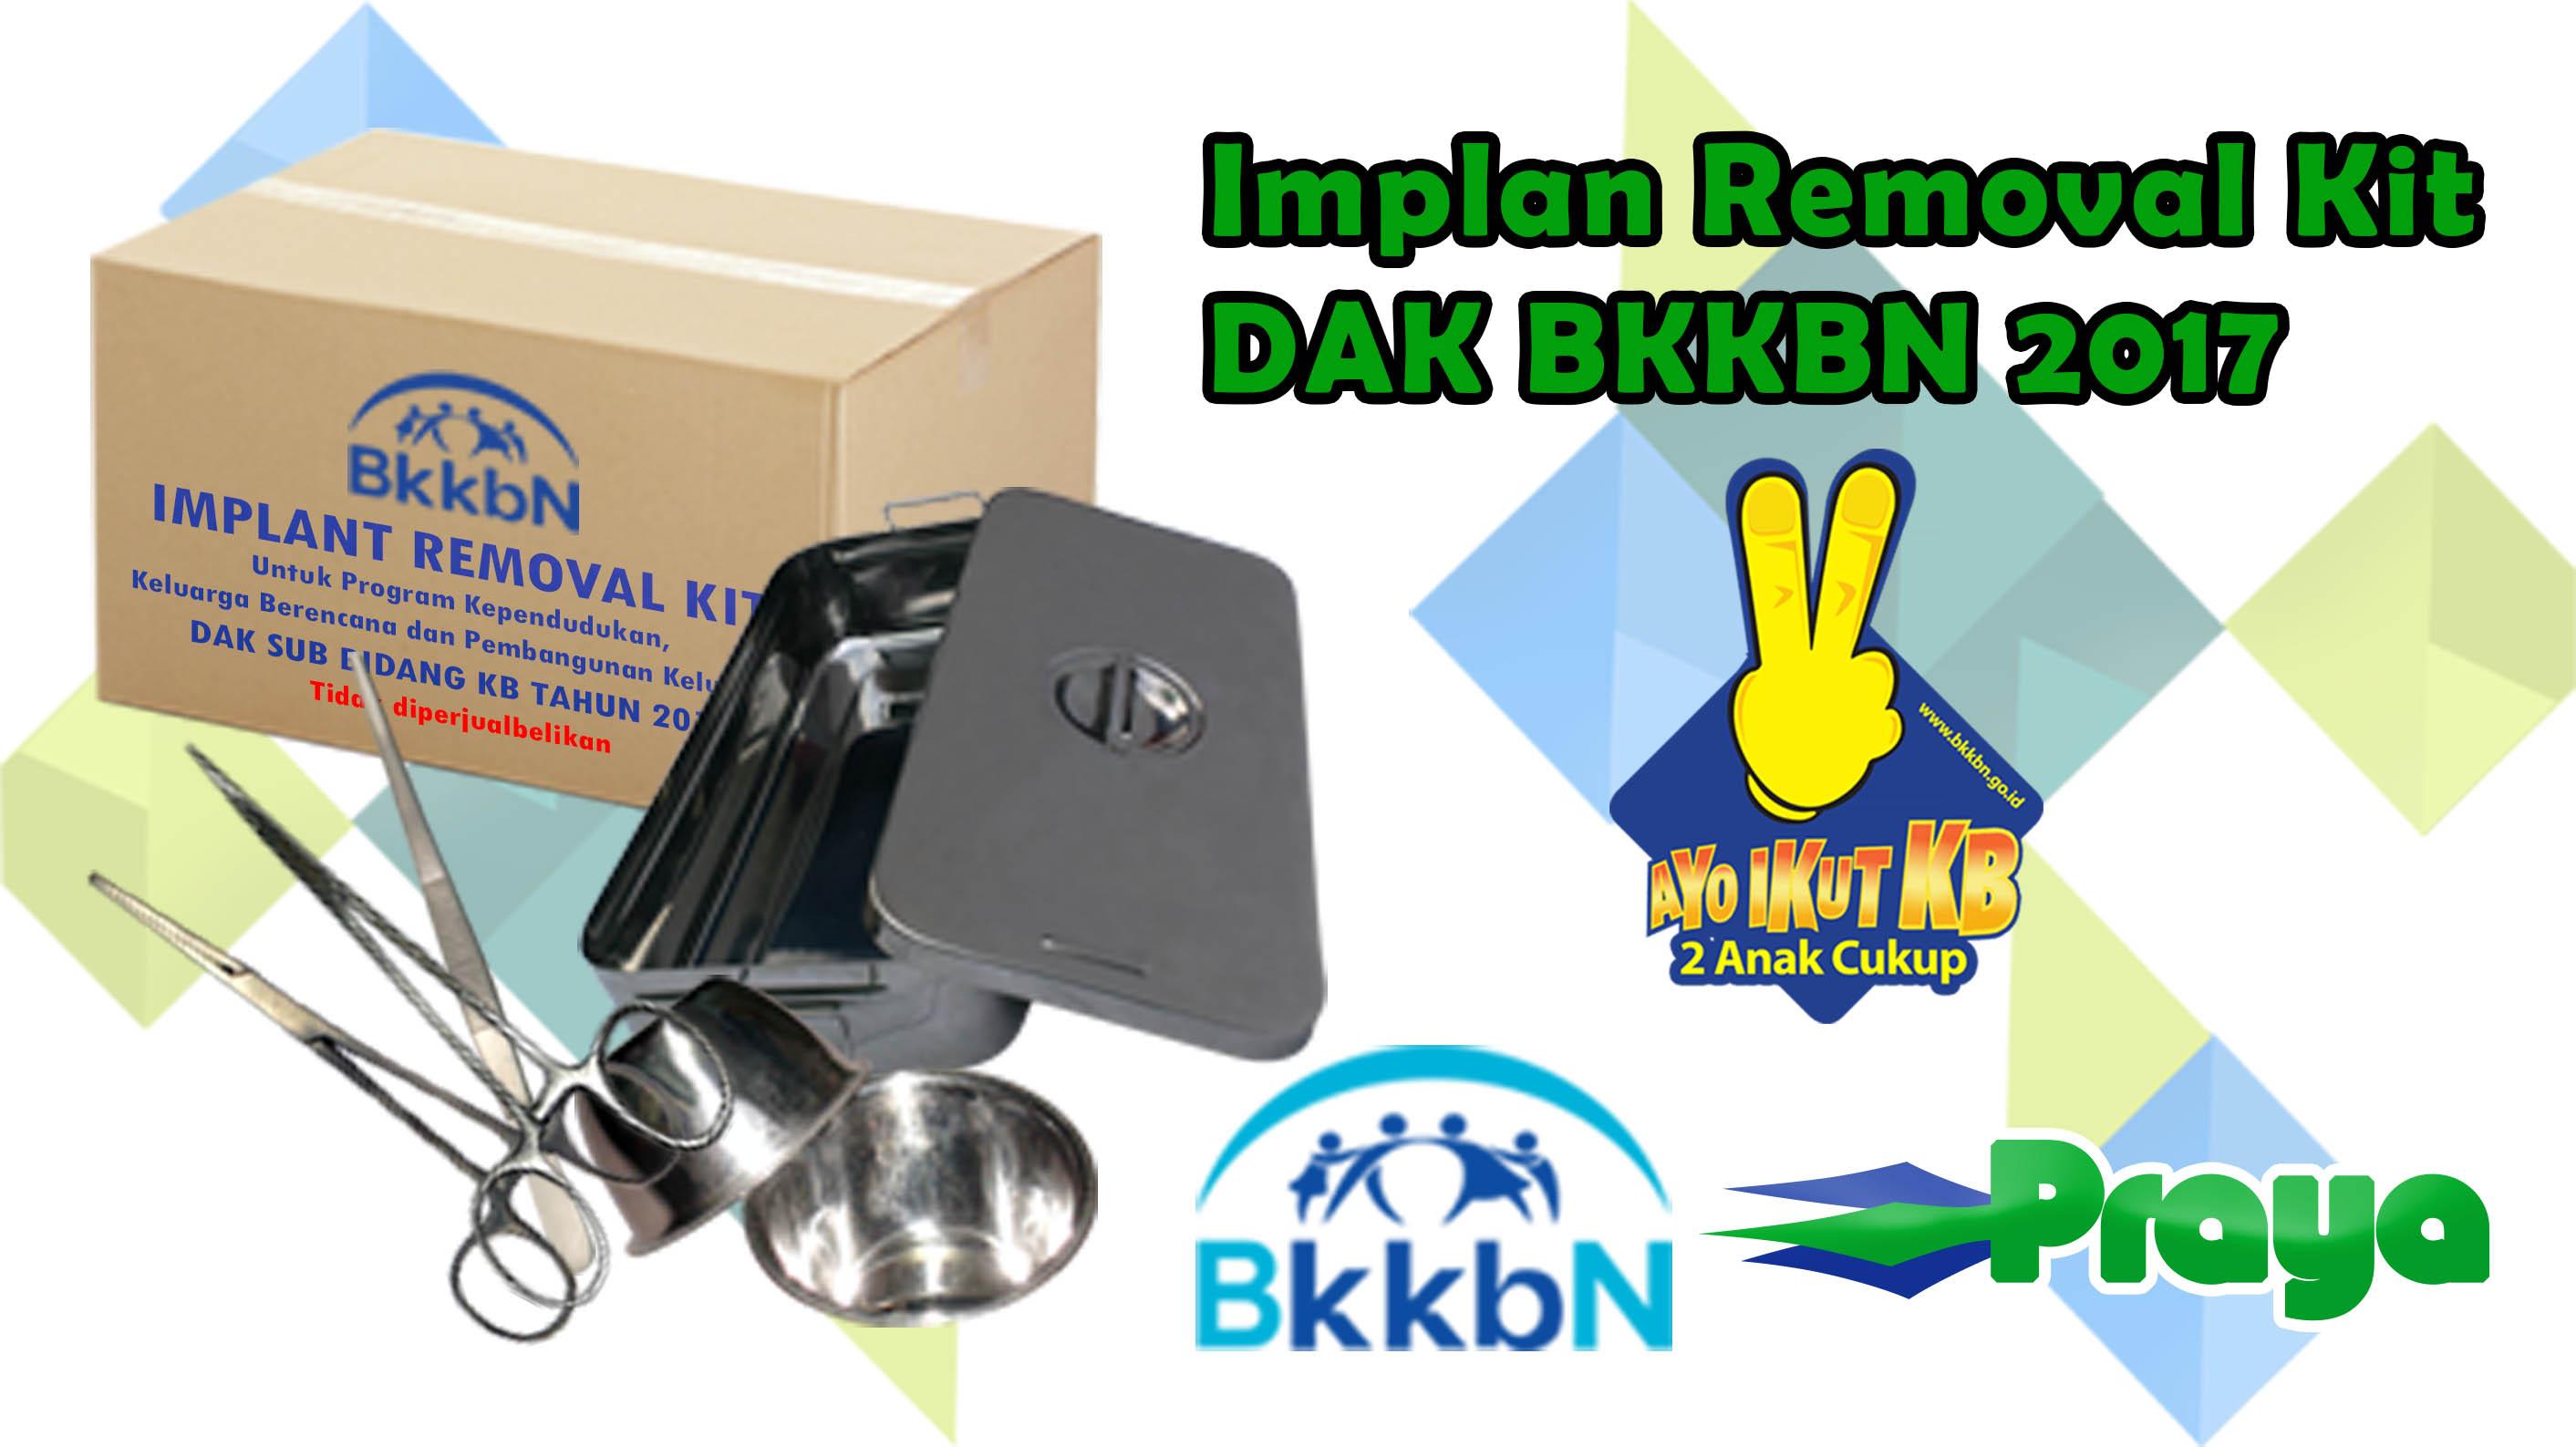 IMPLANT REMOVAL KIT DAK BKKBN 2017